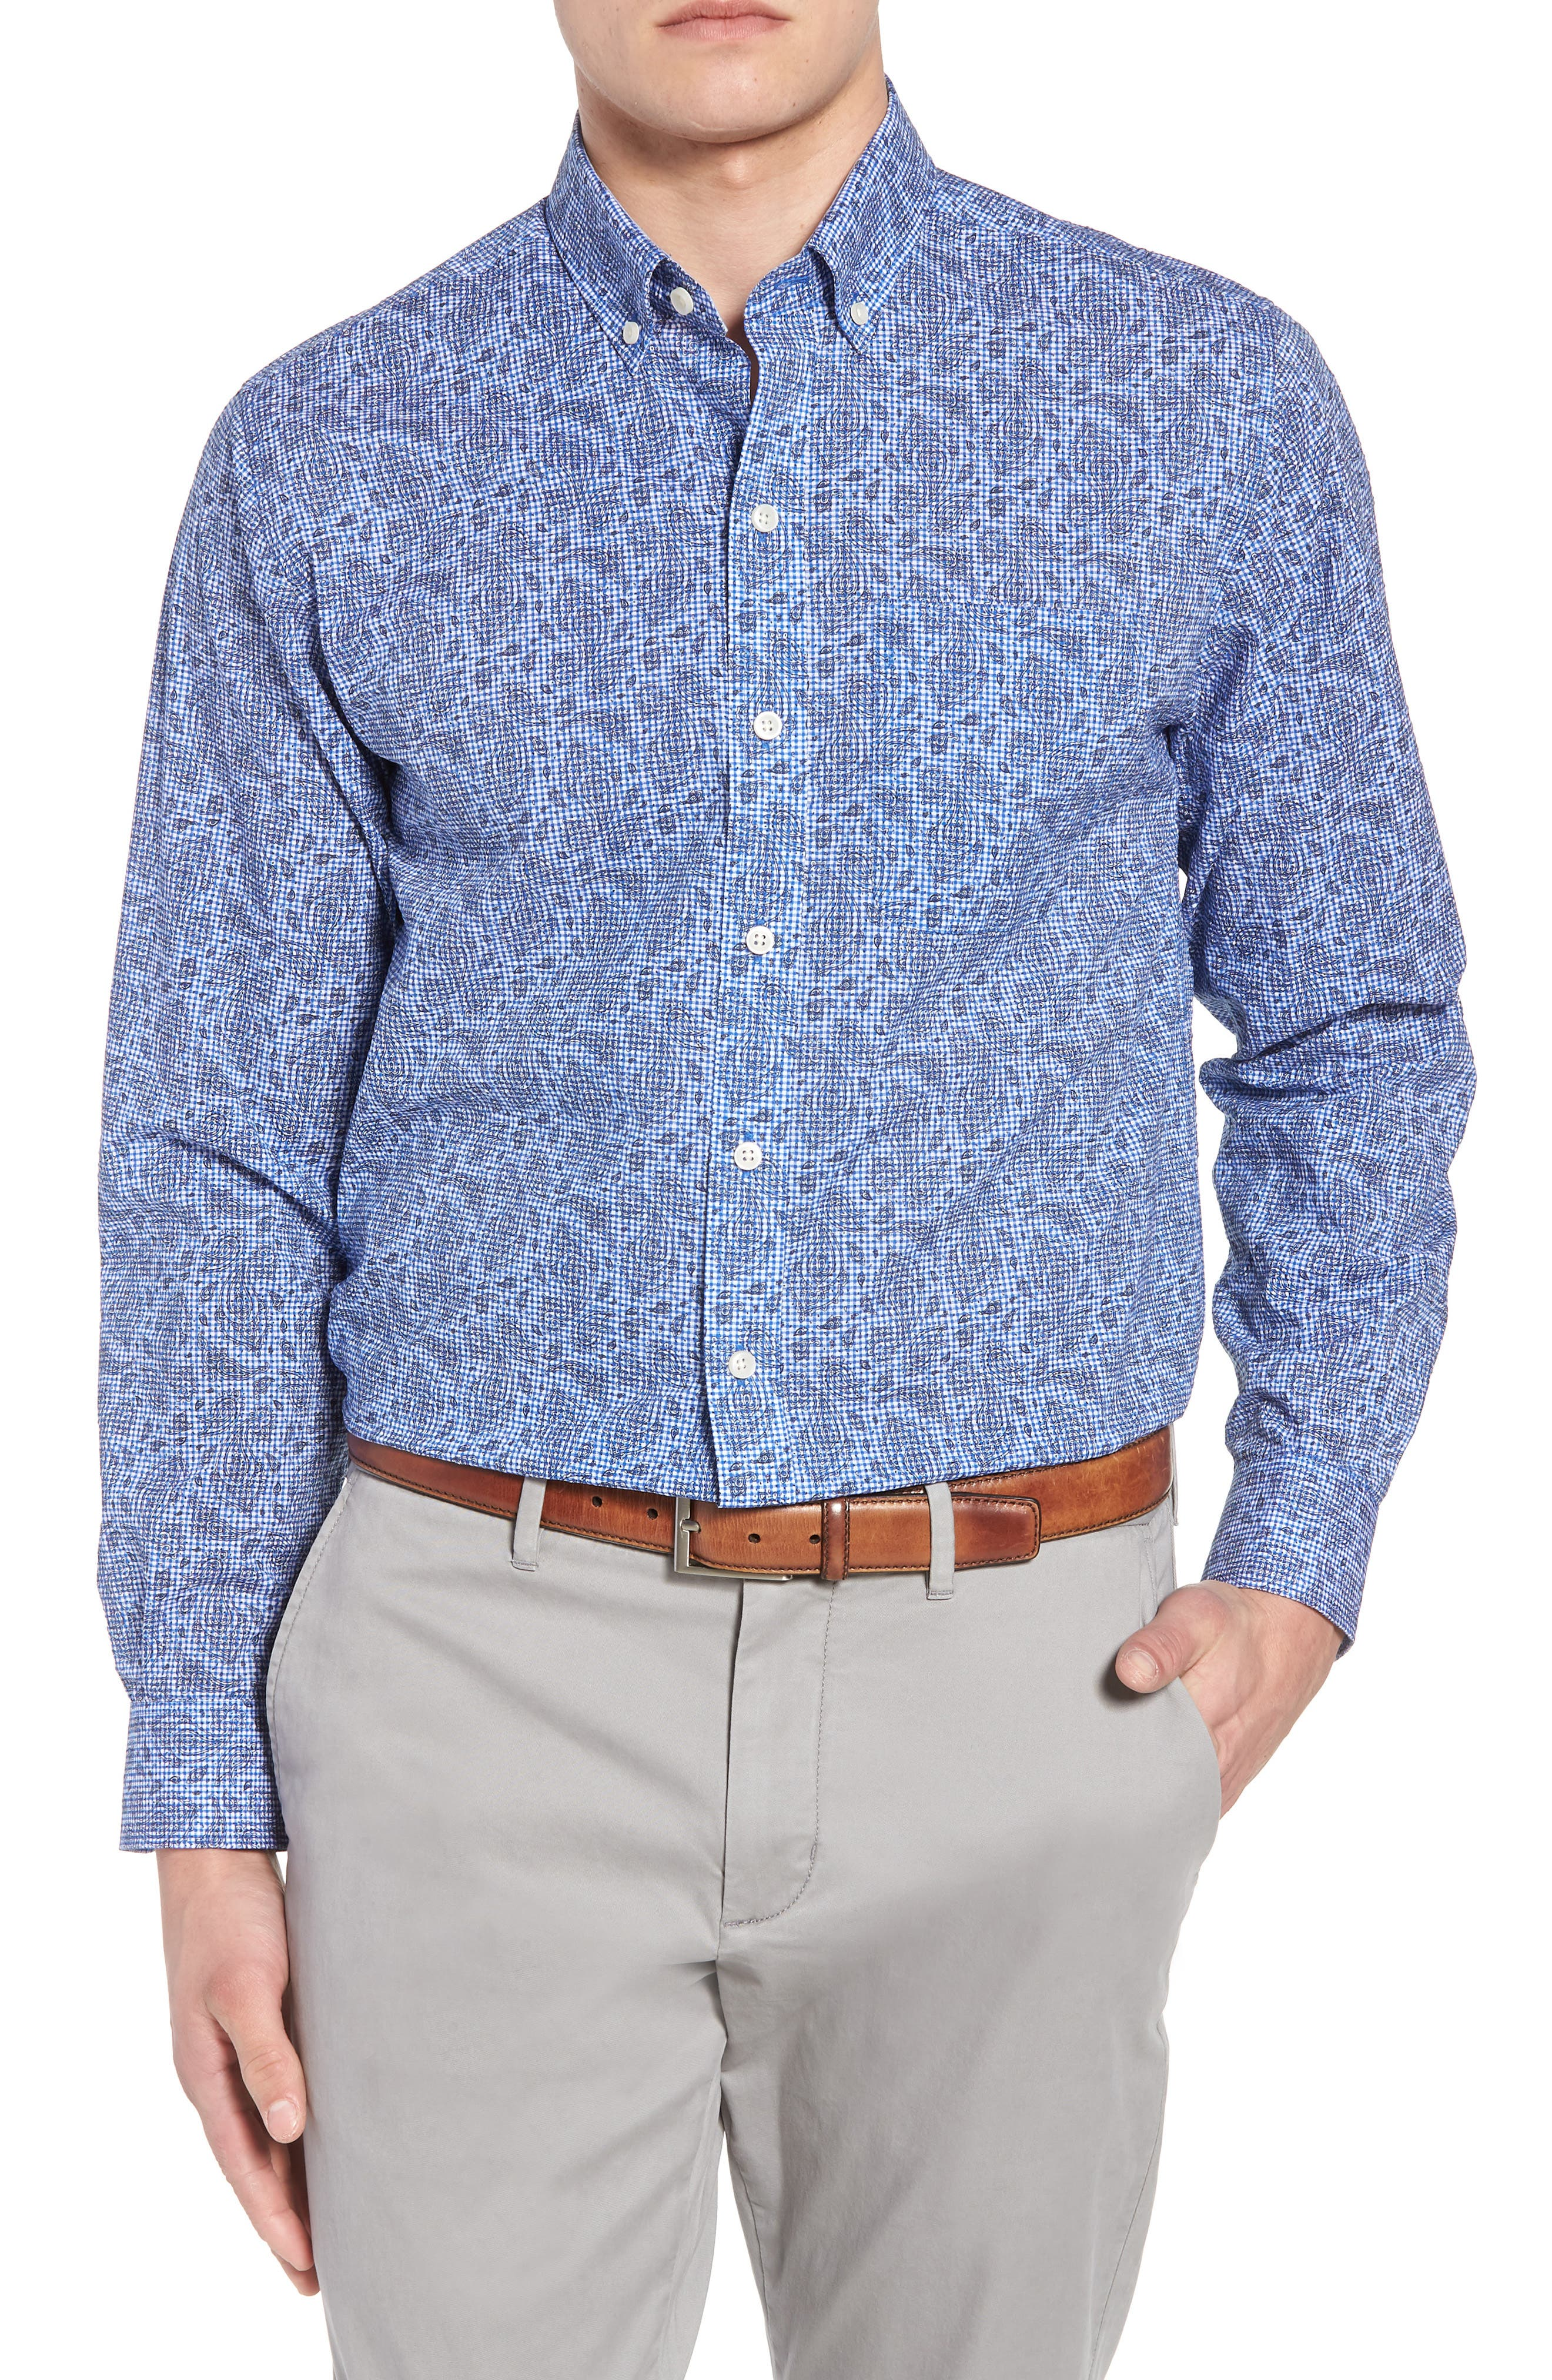 Alternate Image 1 Selected - Cutter & Buck Jameson Seersucker Print Sport Shirt